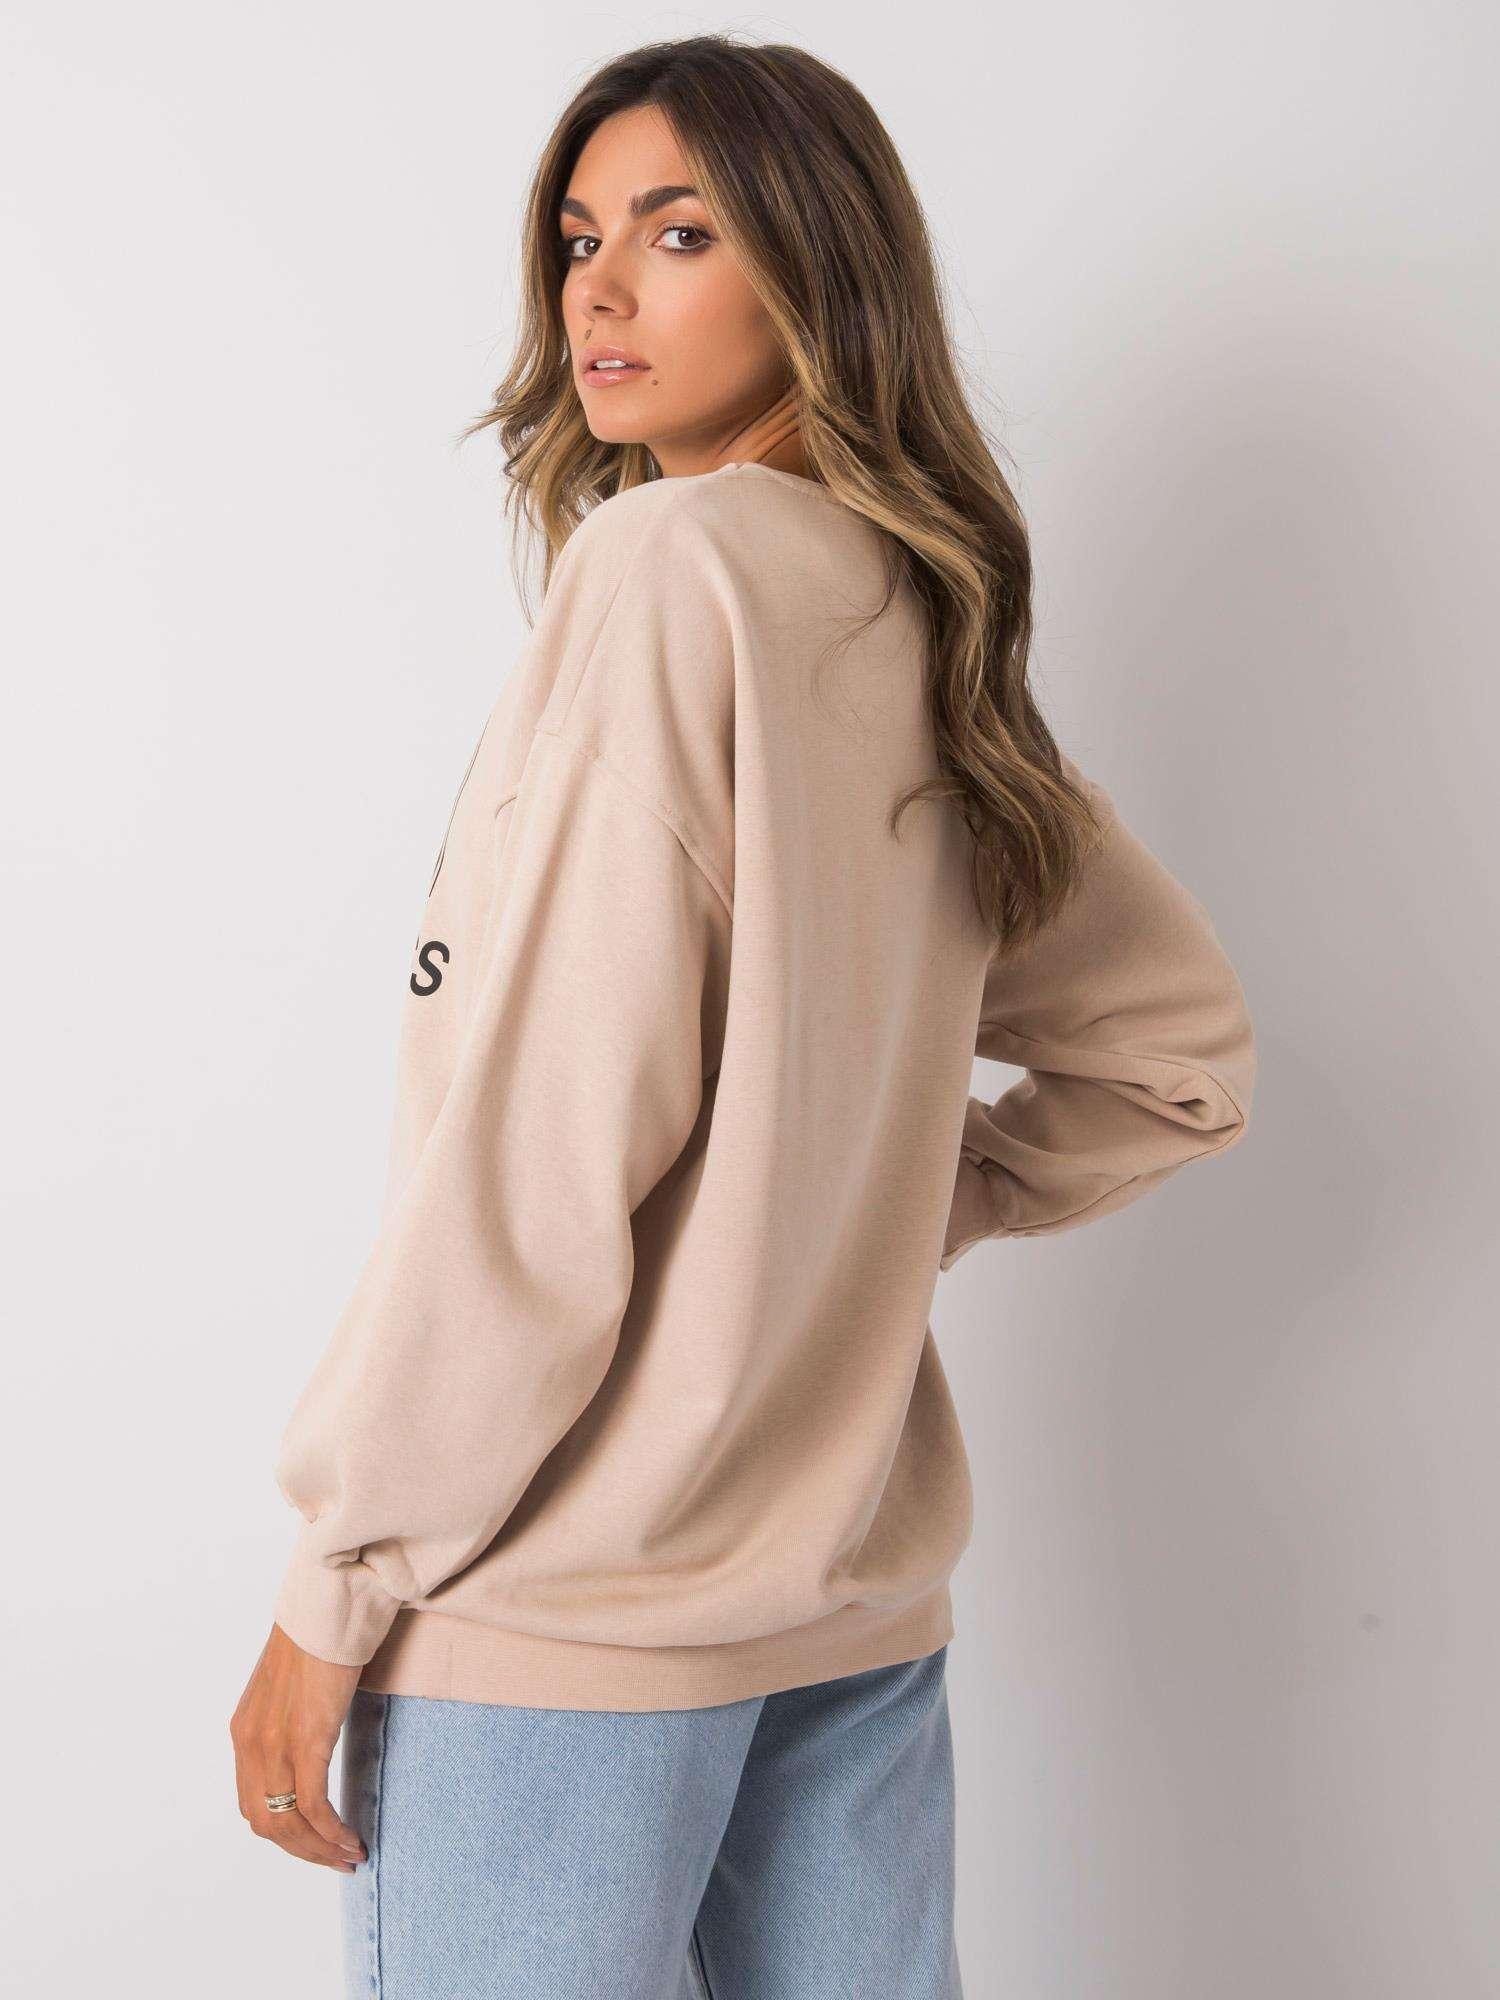 Sweatshirt in Beige mit schwarzem Frontprint Rückansicht